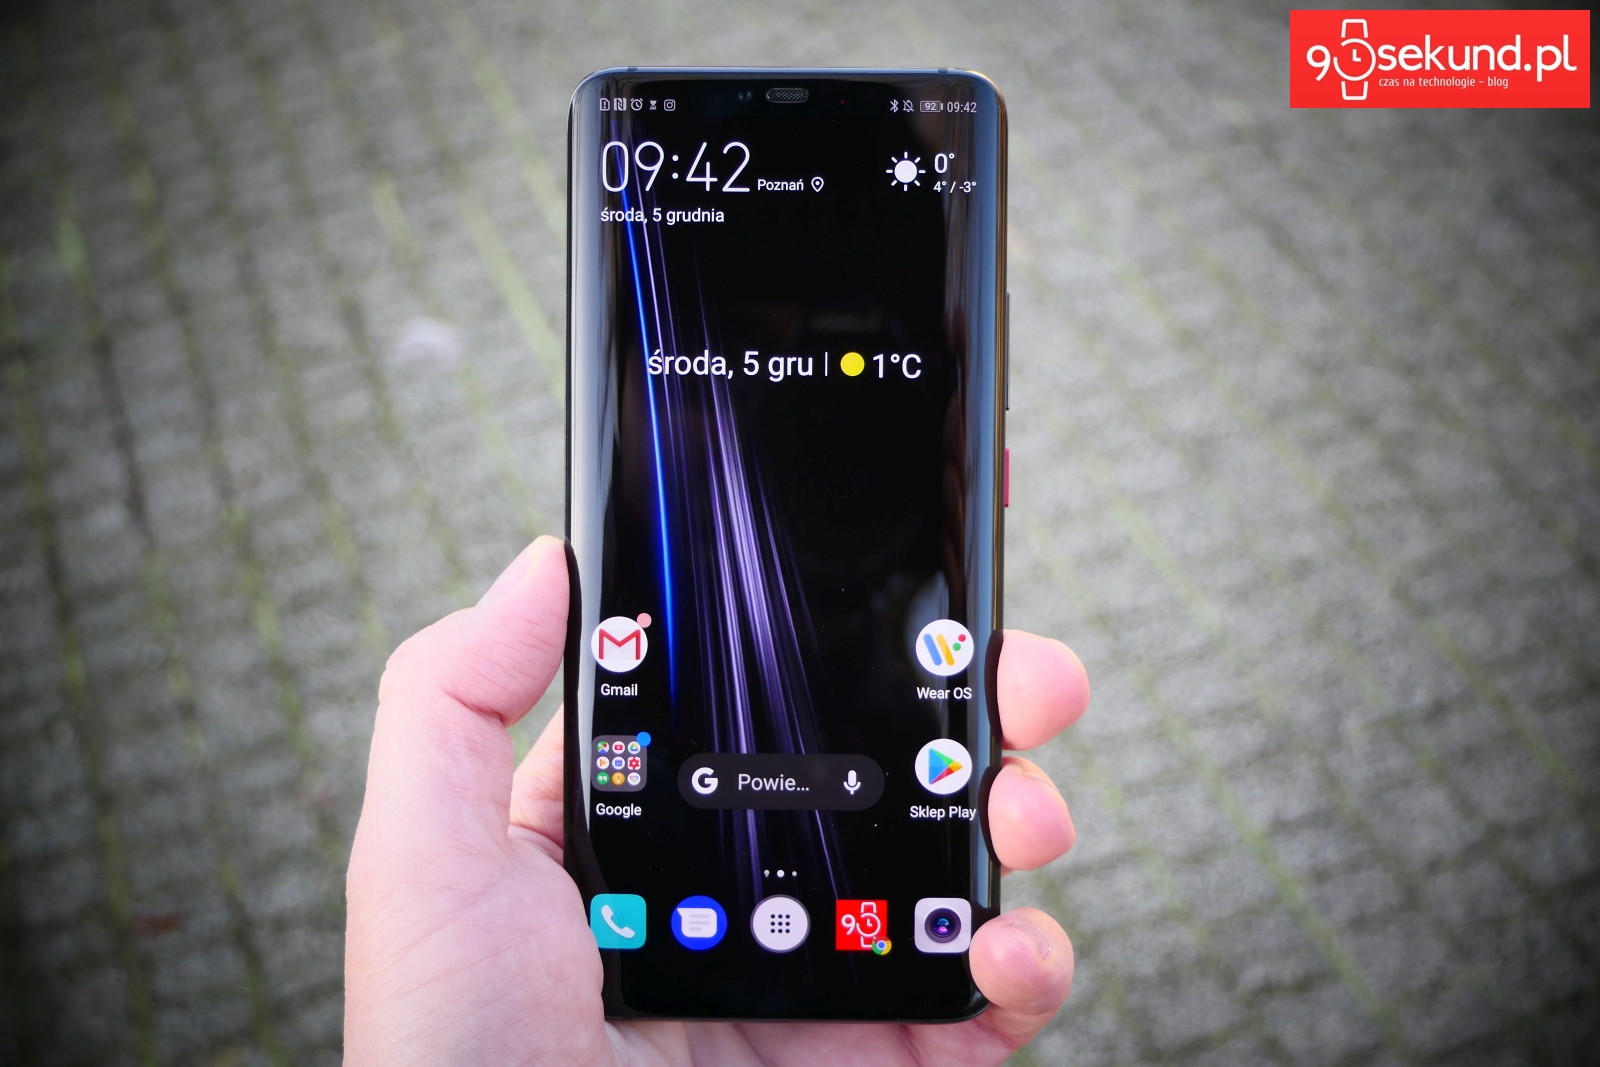 Recenzja Huawei Mate 20 Pro - Michał Brożyński - 90sekund.pl